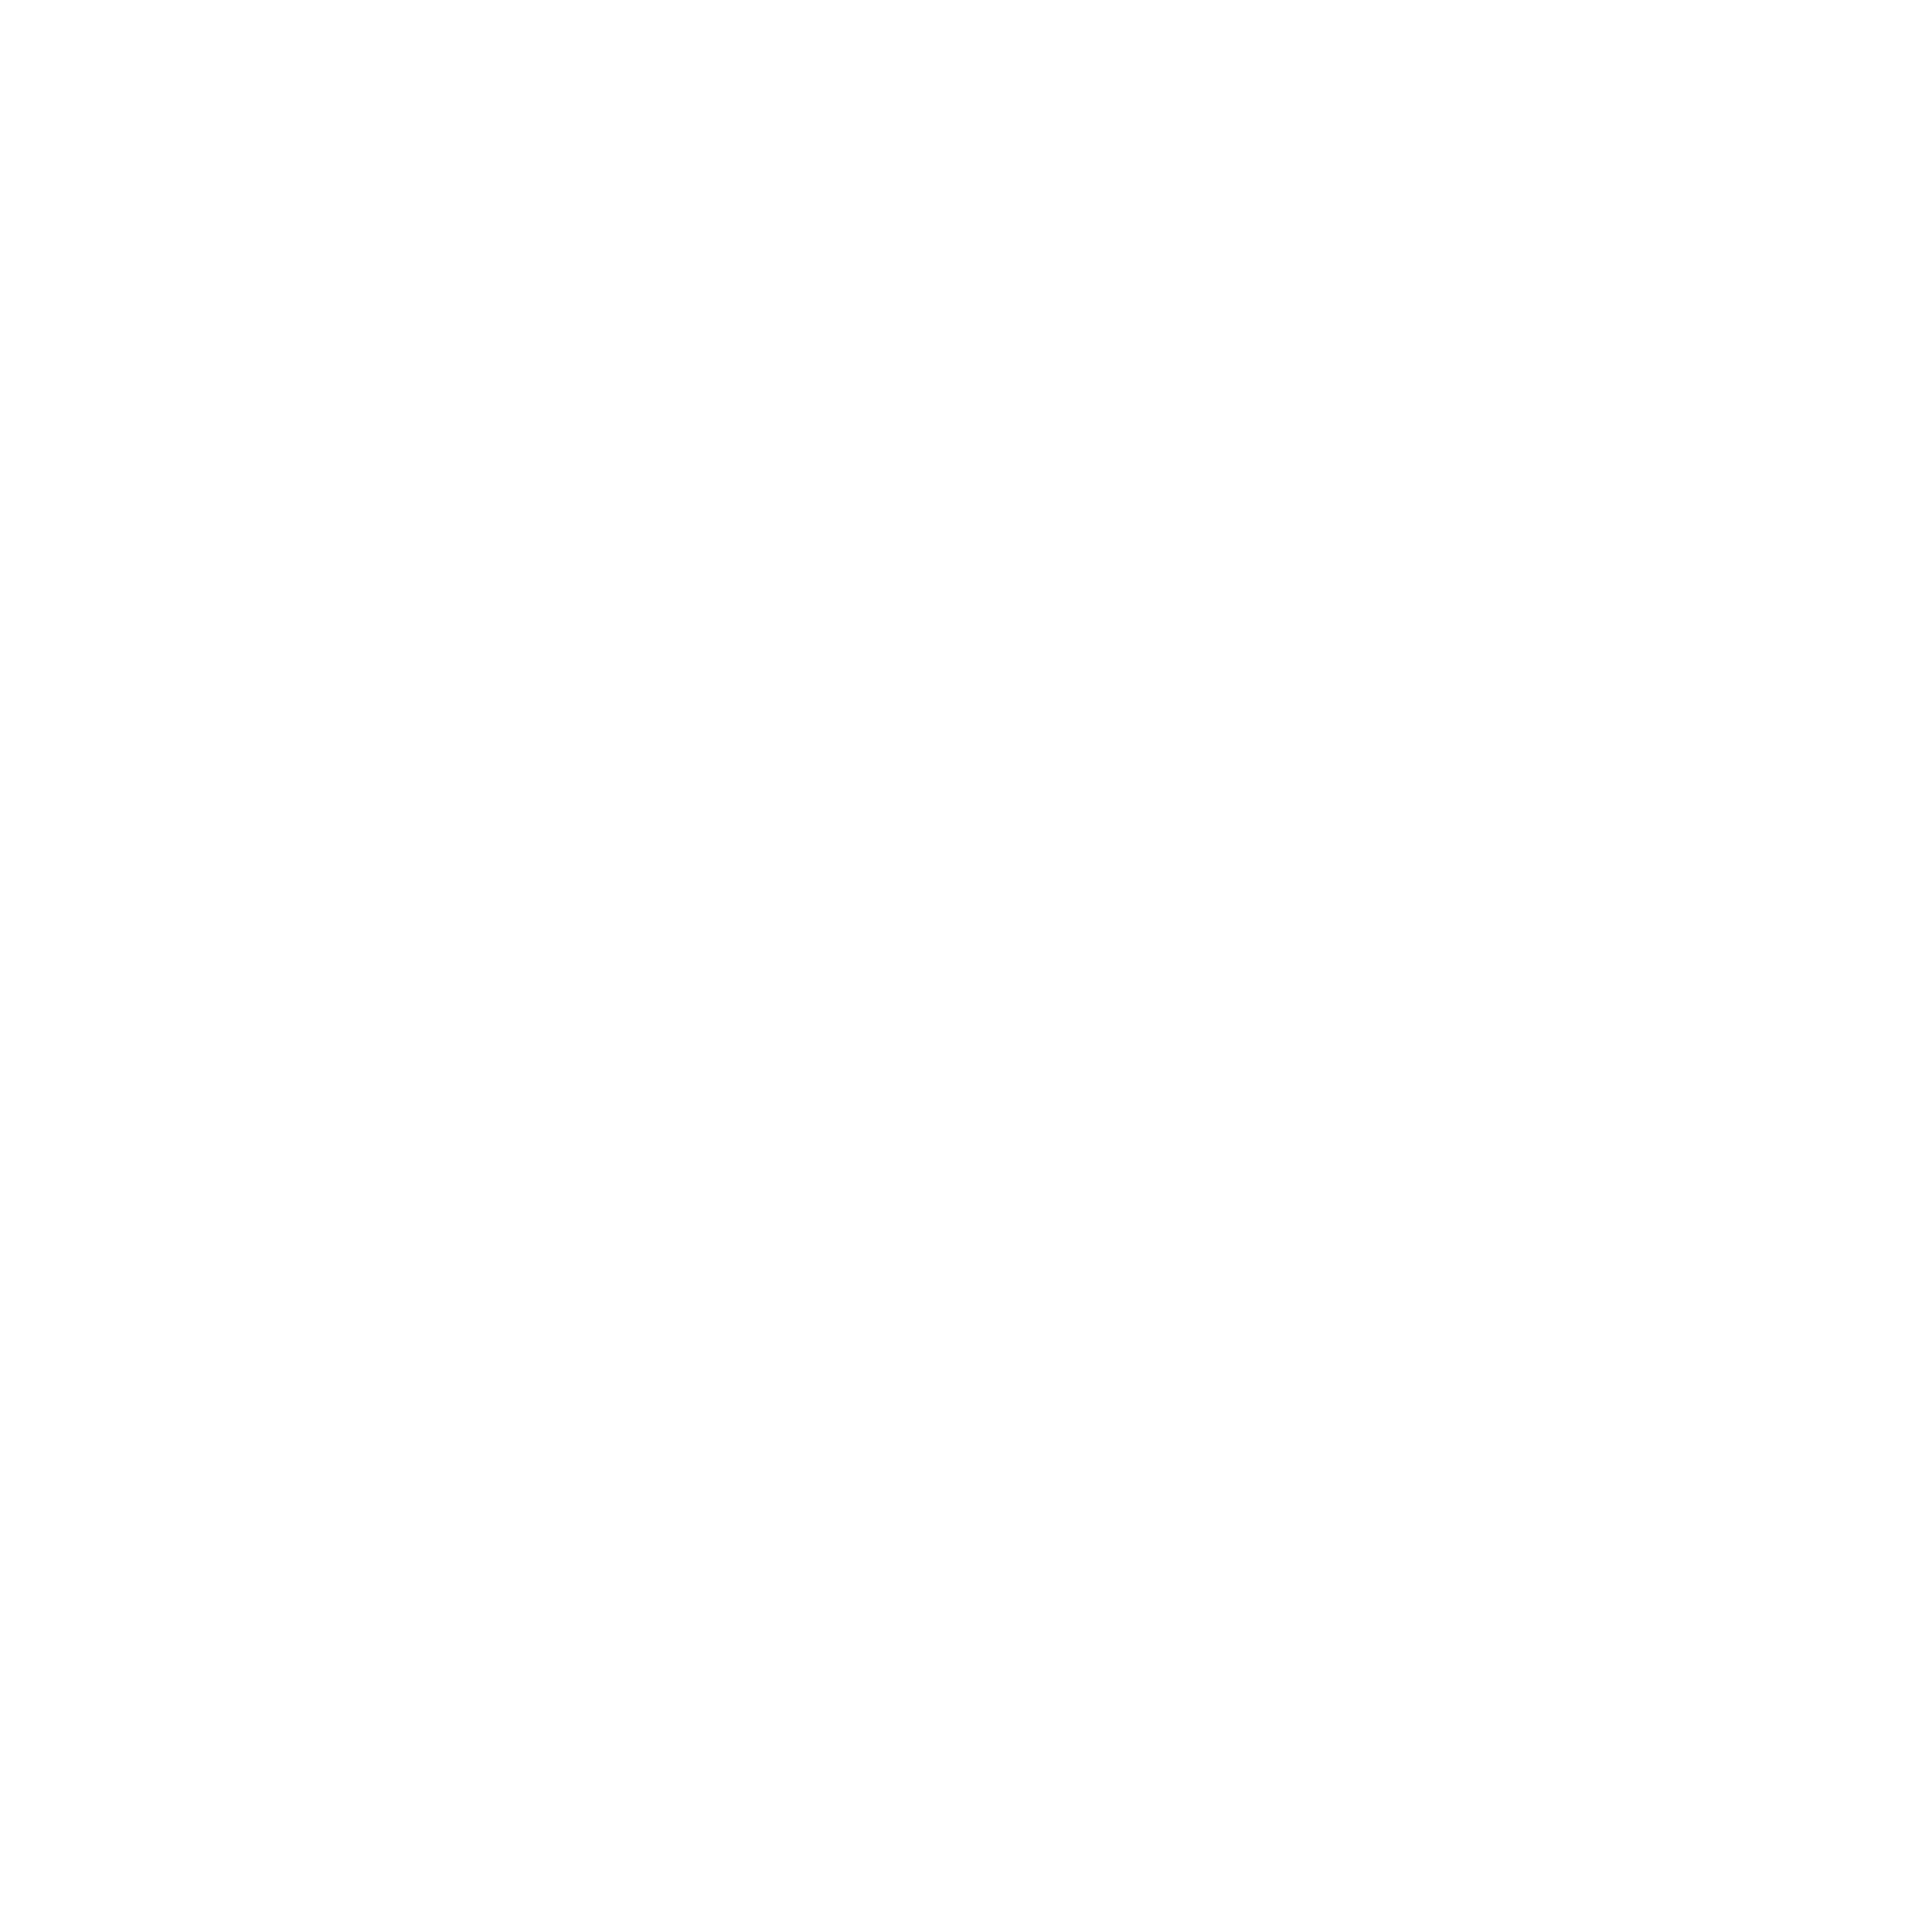 FLORESER_SCRITTA-09.png